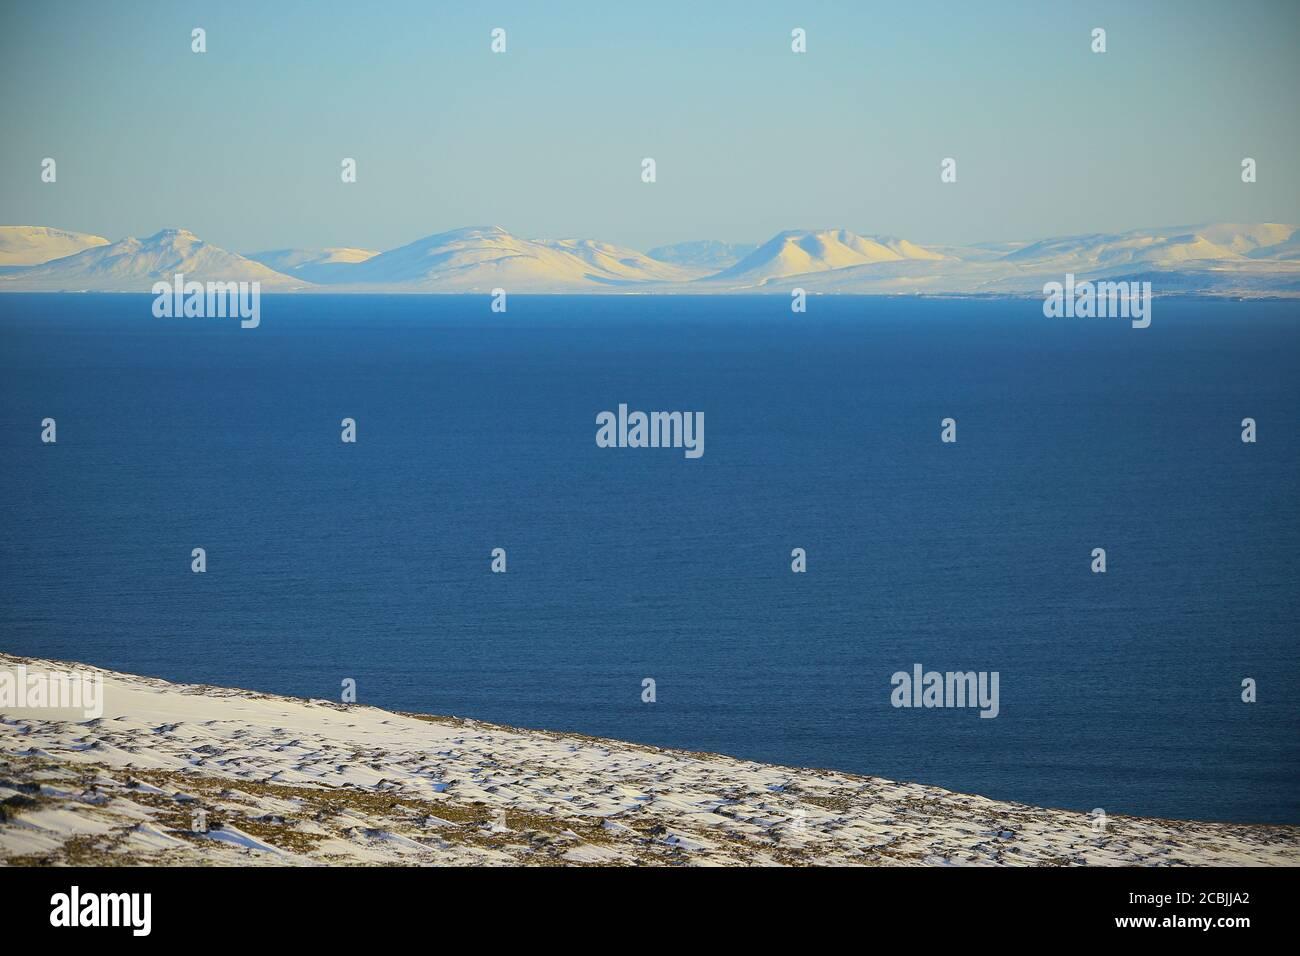 Los fiordos del oeste y el mar en Islandia durante el invierno Foto de stock